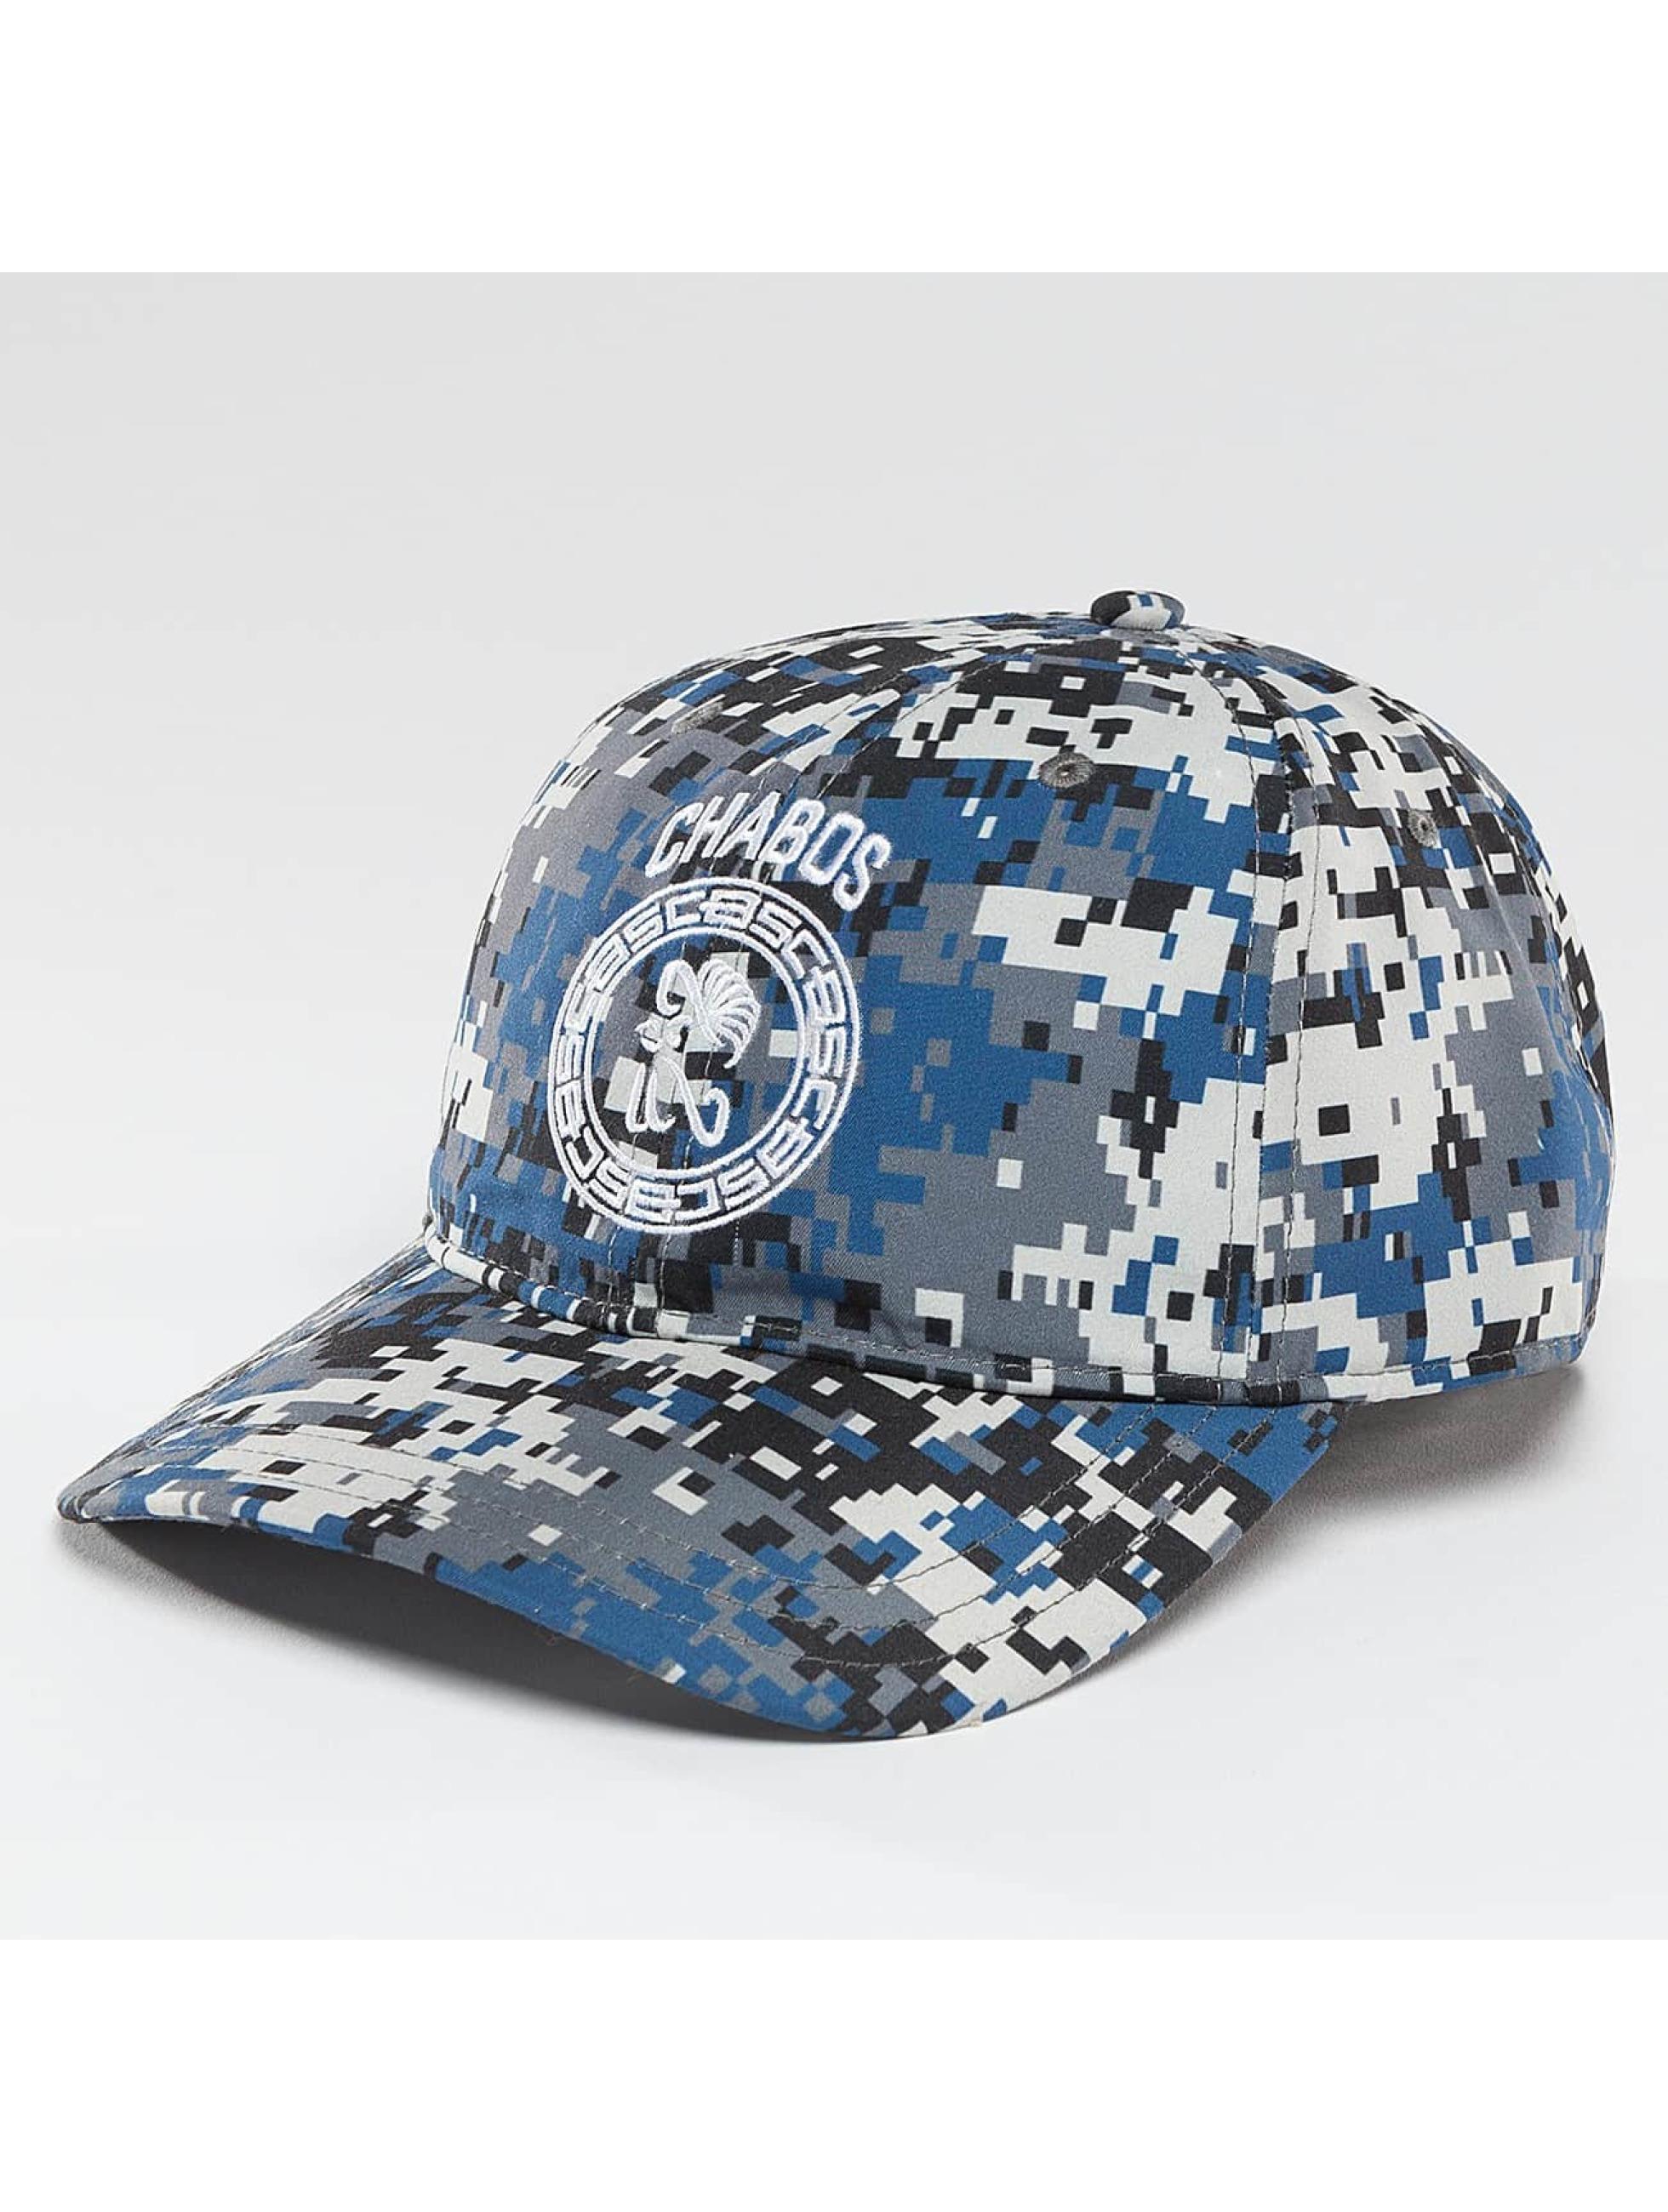 CHABOS IIVII Snapback Caps Round Panel moro